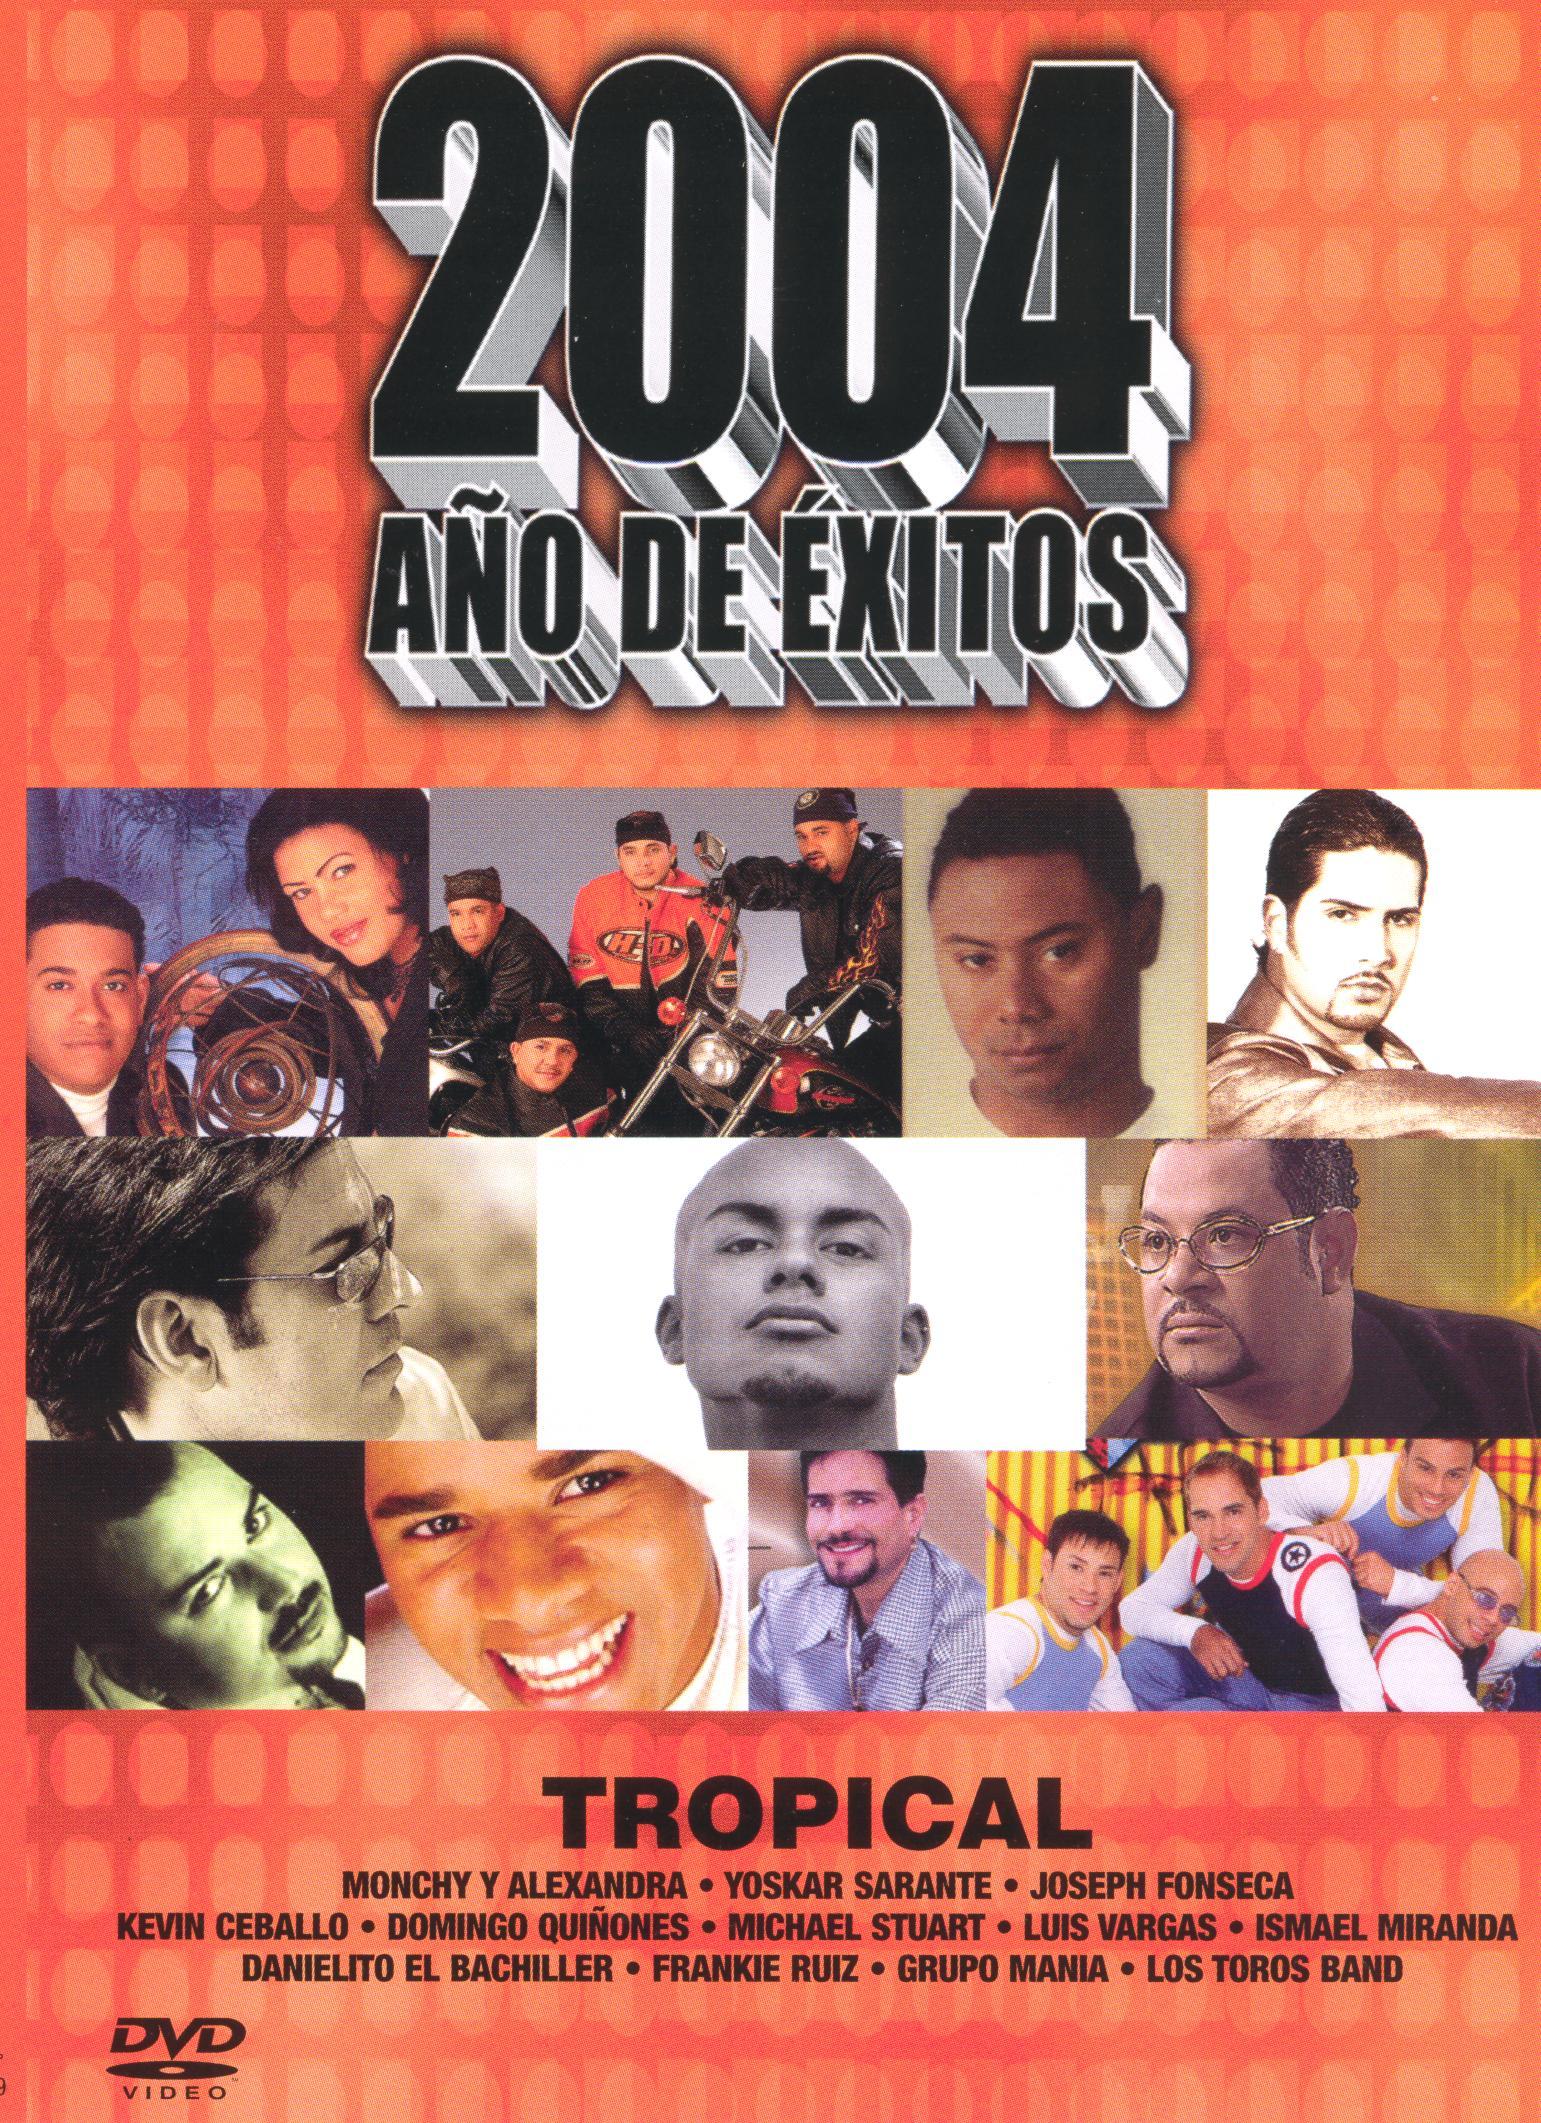 2004 Ano de Exitos: Tropical